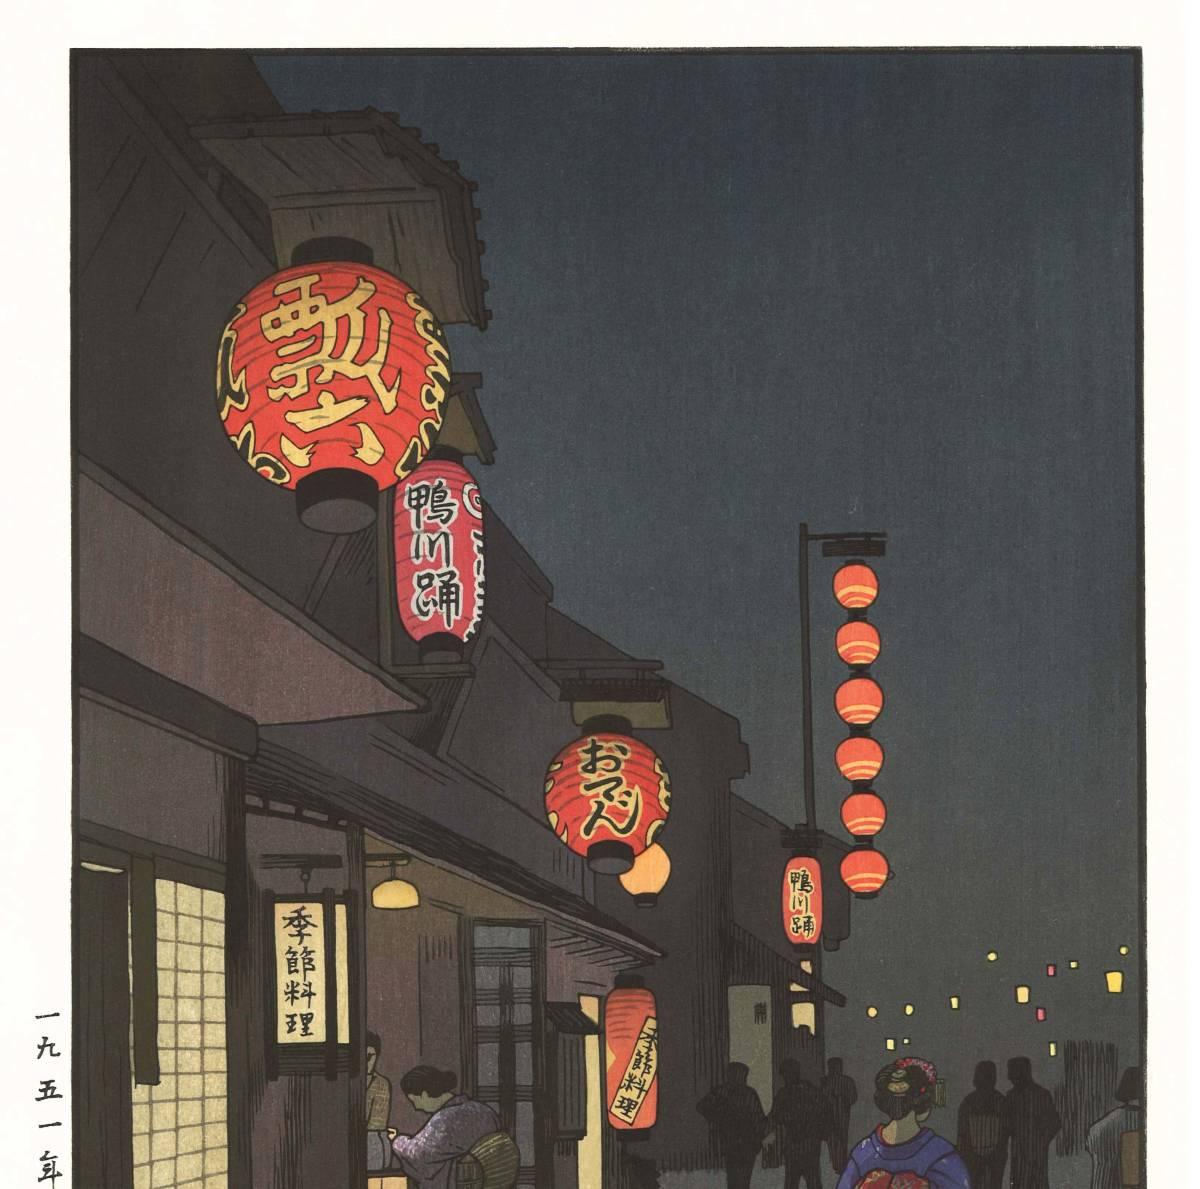 吉田遠志 木版画 018501 瓢六 (Hyoroku) 初摺1951年  最高峰の摺師の技をご堪能下さい!!_画像3